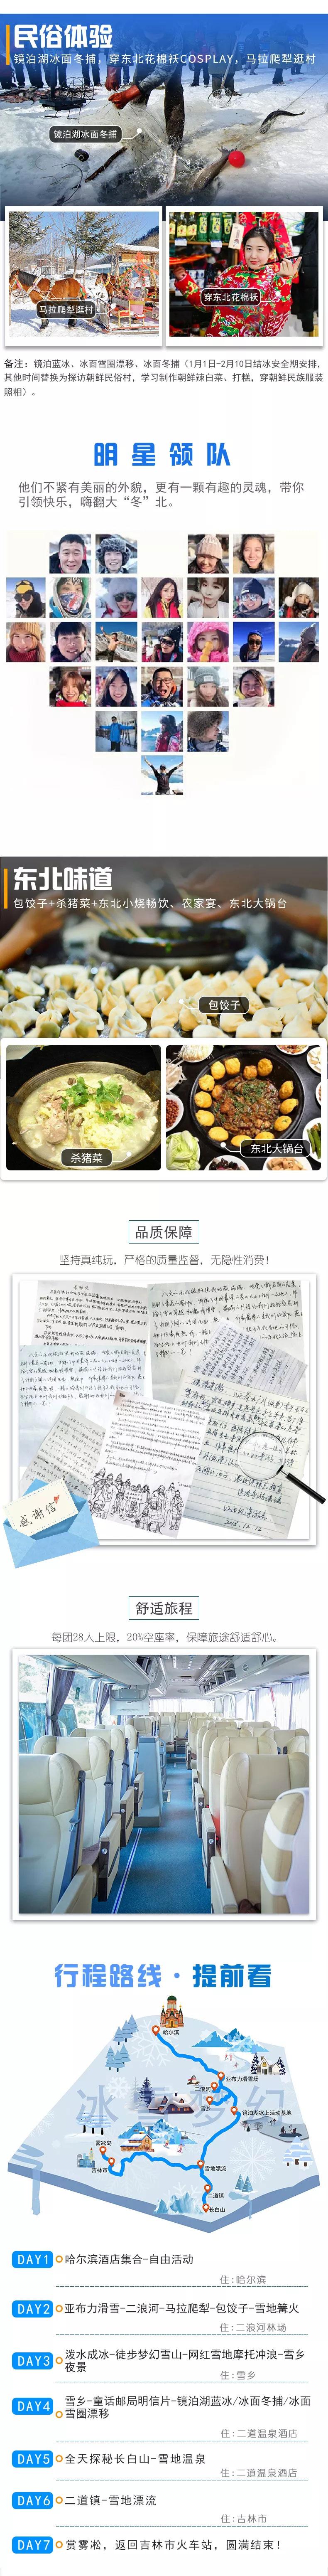 营地点评网-哈尔滨7天6晚亲子游 (3)